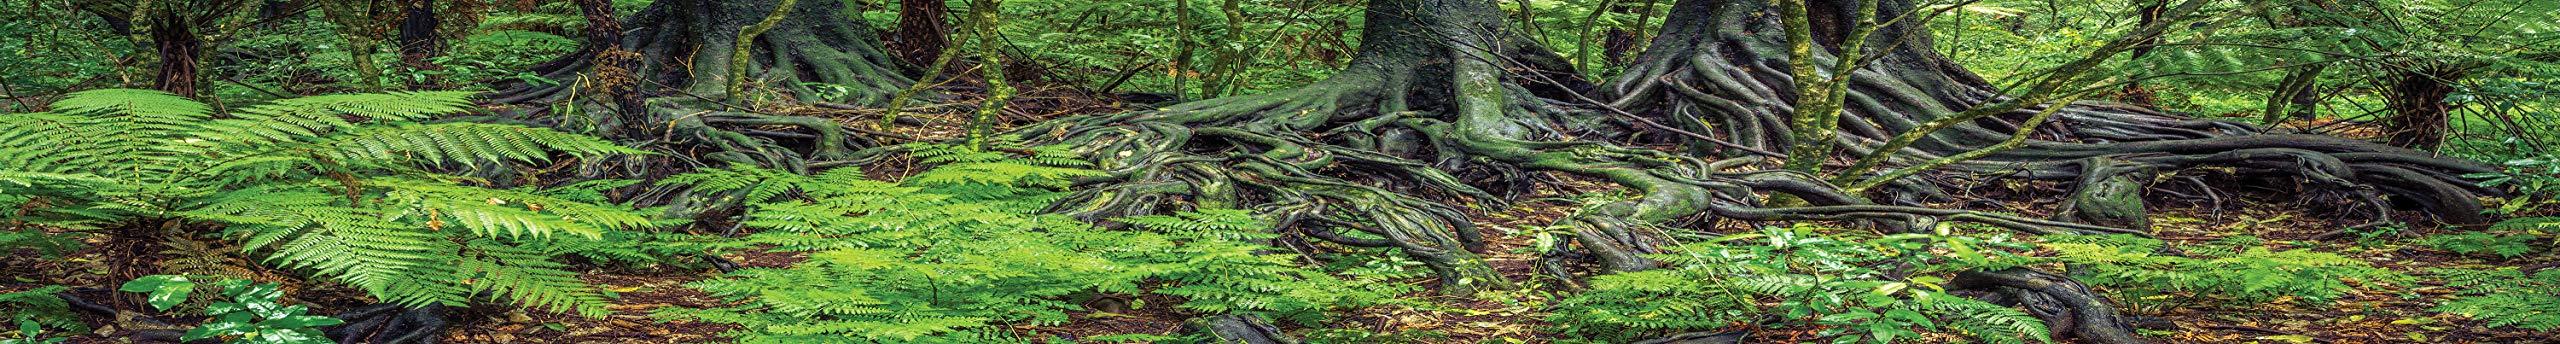 Carolina Custom Cages Reptile Habitat Background; Rain Forest Ferns & Roots, for 72Lx24Wx18H Terrarium, 3-Sided Wraparound by Carolina Custom Cages